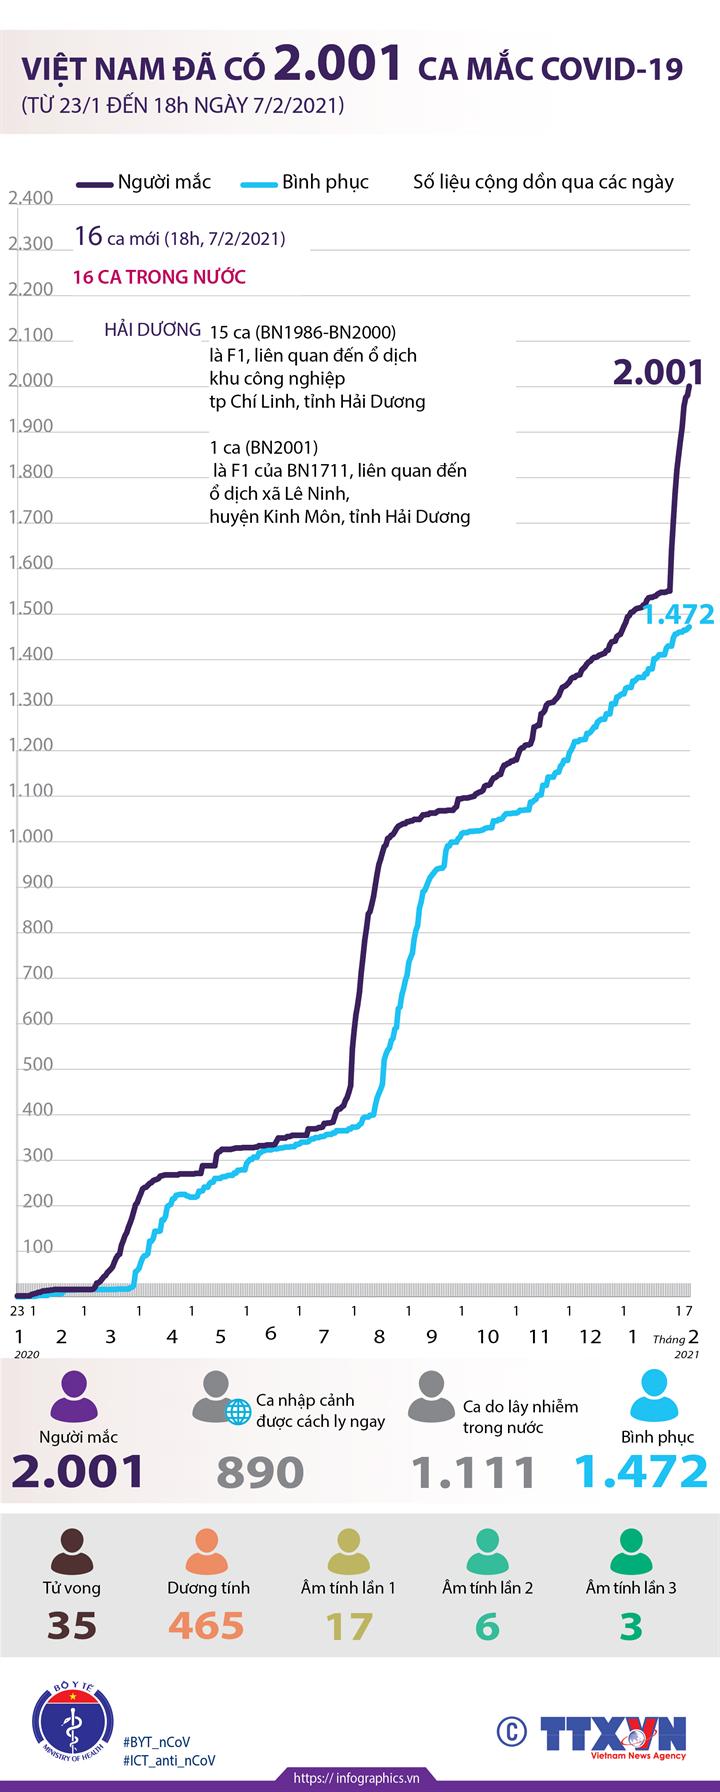 Việt Nam đã có 2.001 ca mắc COVID-19 (từ 23/1/2020 đến 18h ngày 7/2/2021)